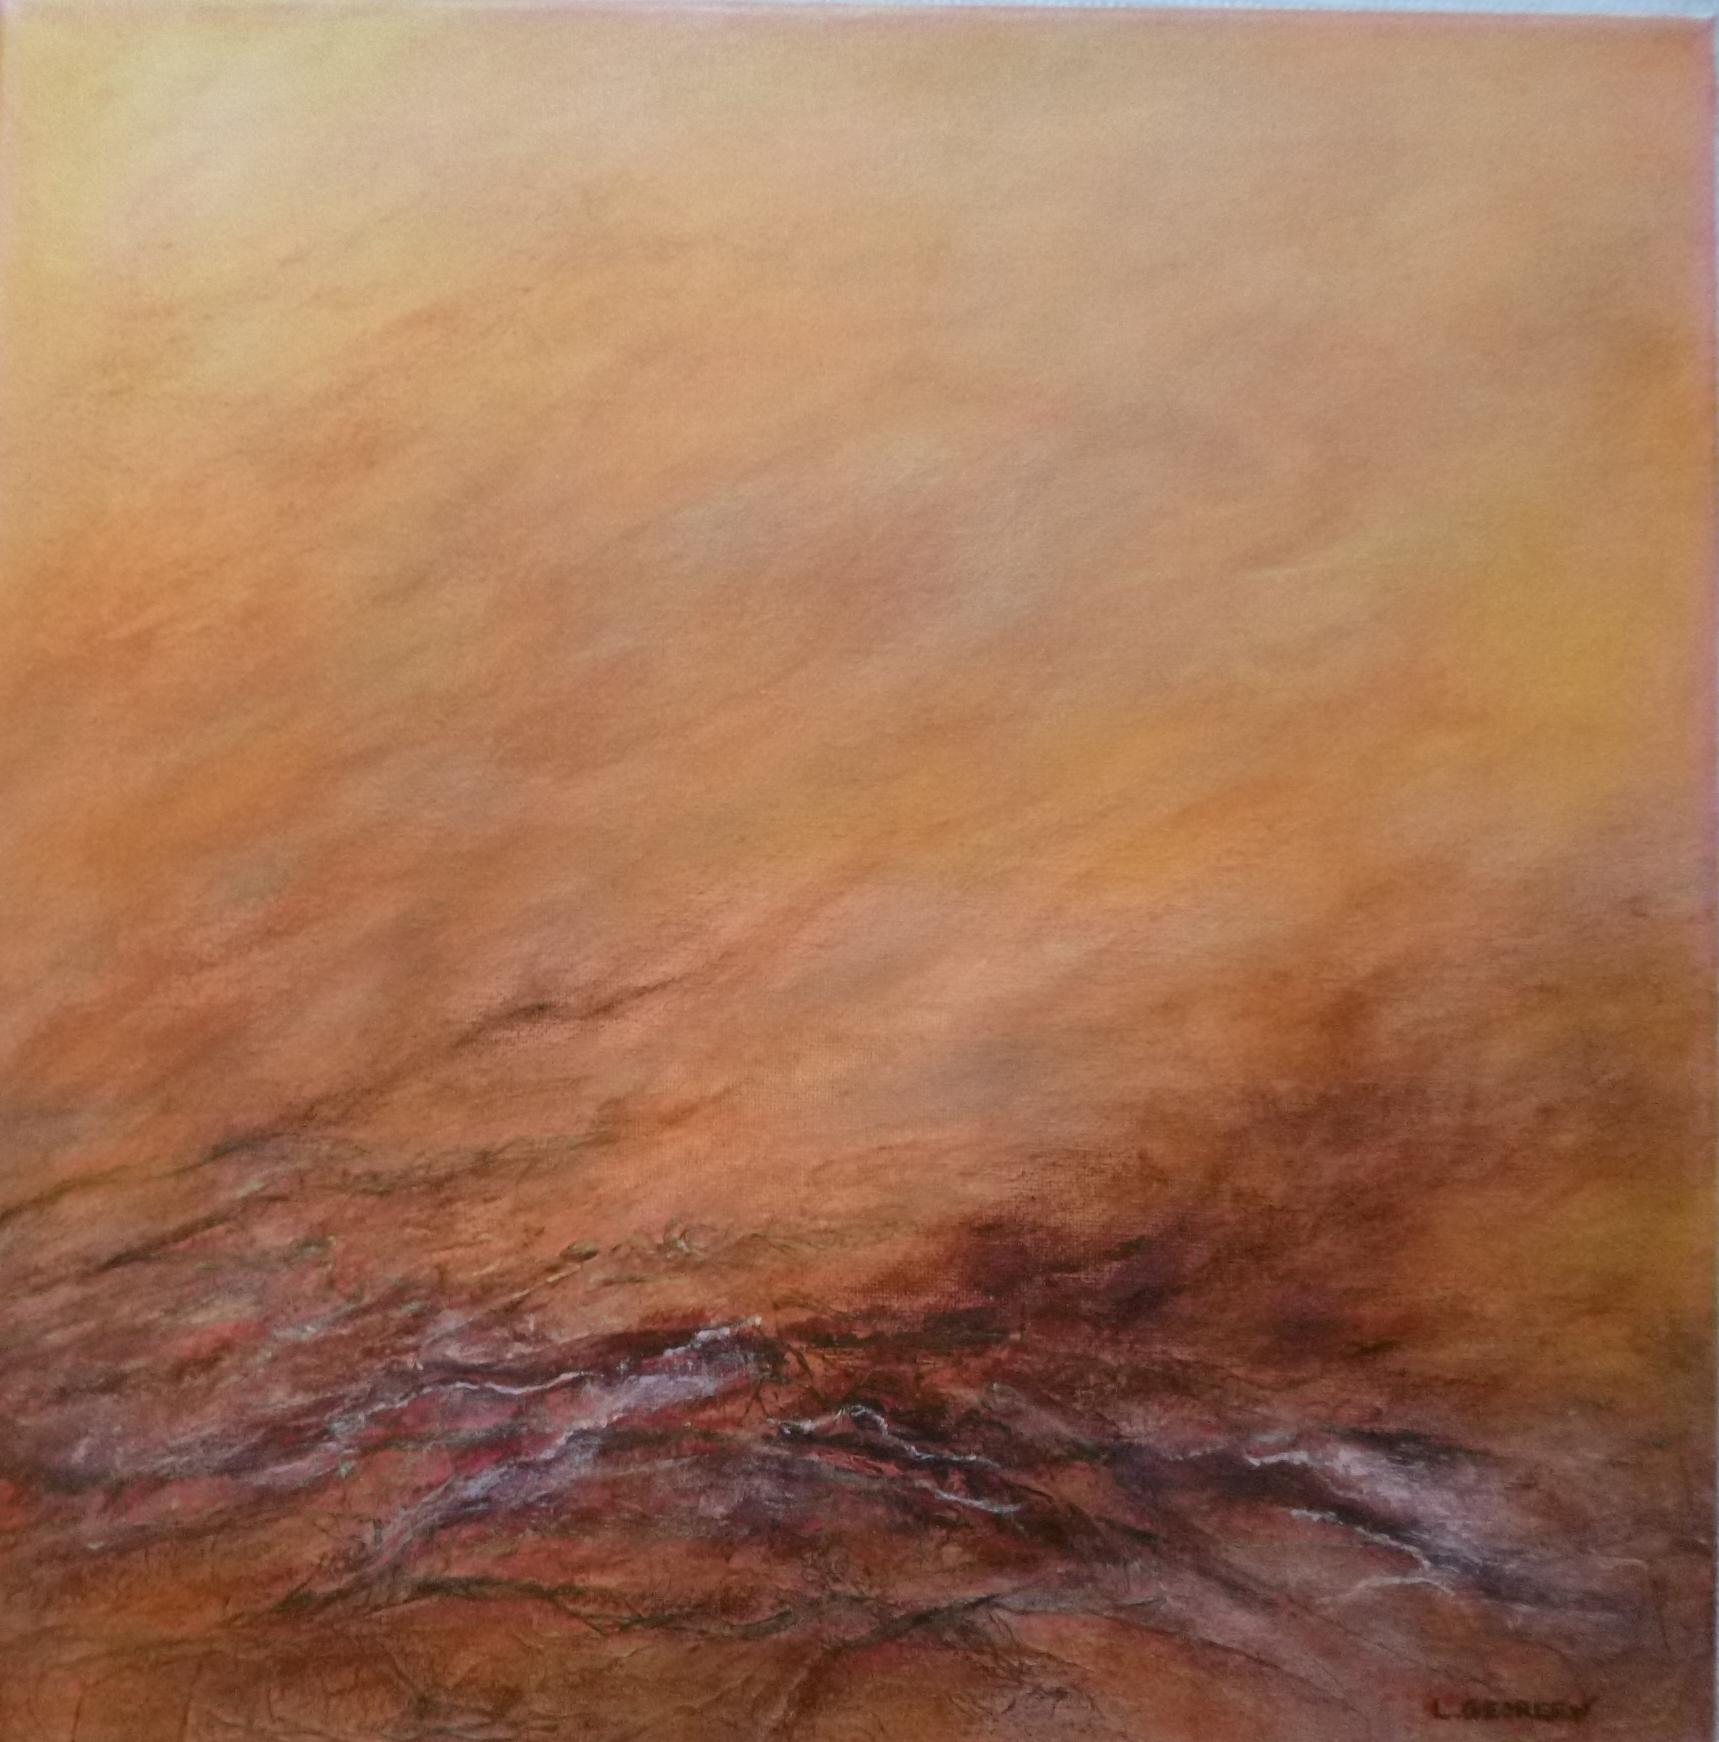 RHIZOMES, acrylique sur toile, 40x40 cm